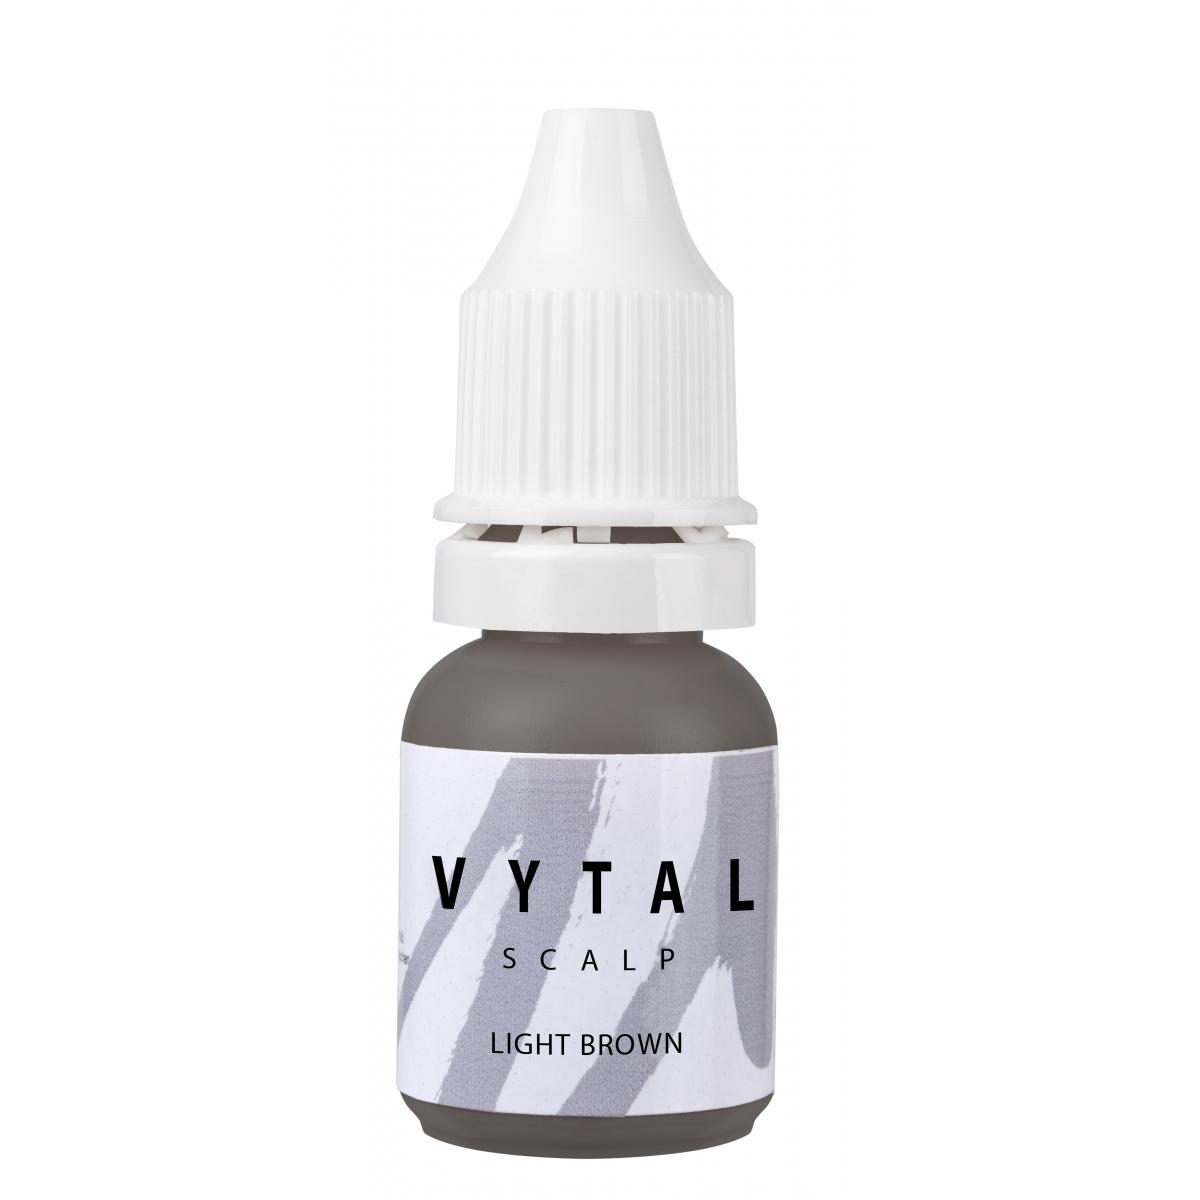 AMIEA VYTAL - PIGMENT CHÂTAIN VYTAL SCALP AMIEA (10 ml)